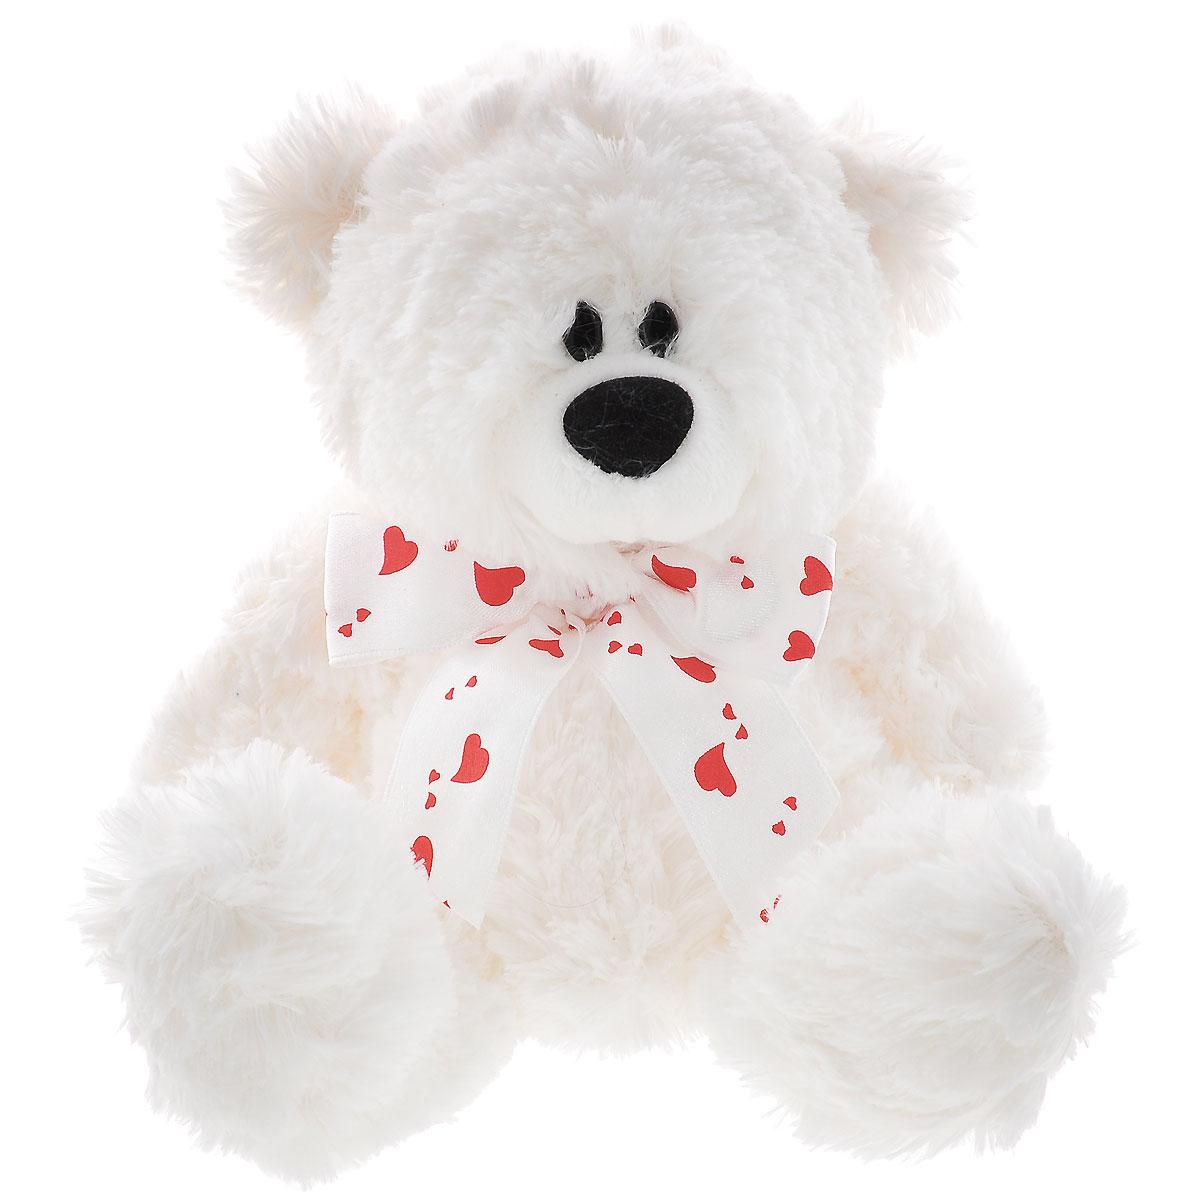 Plush Apple Мягкая игрушка Медведь с лентой, 17 смK76208L1Игрушка Plush Apple Медведь с лентой, выполненная в виде медвежонка с бантиком с сердечками на шее, очарует не только ребенка, но и взрослого. Изготовлен медвежонок из искусственного меха и текстильных материалов, с элементами из пластика. В качестве набивки используется полиэфирное волокно. Необычайно мягкая игрушка принесет радость и подарит своему обладателю мгновения нежных объятий и приятных воспоминаний. Великолепное качество исполнения делает игрушку Plush Apple Медведь с лентой чудесным подарком к любому празднику.